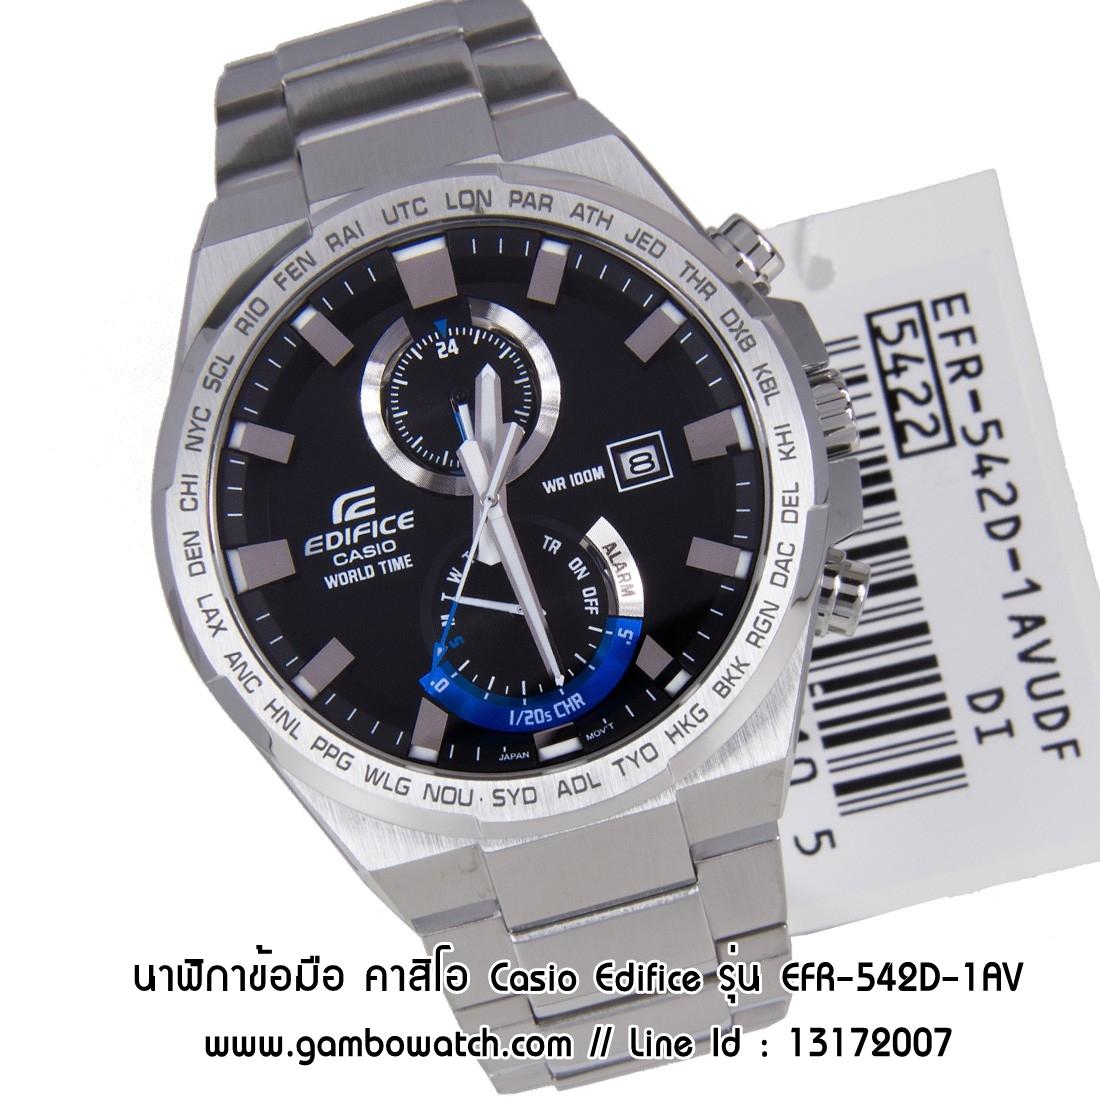 นาฬิกาข้อมือ คาสิโอ Casio Edifice รุ่น EFR-542D-1AV